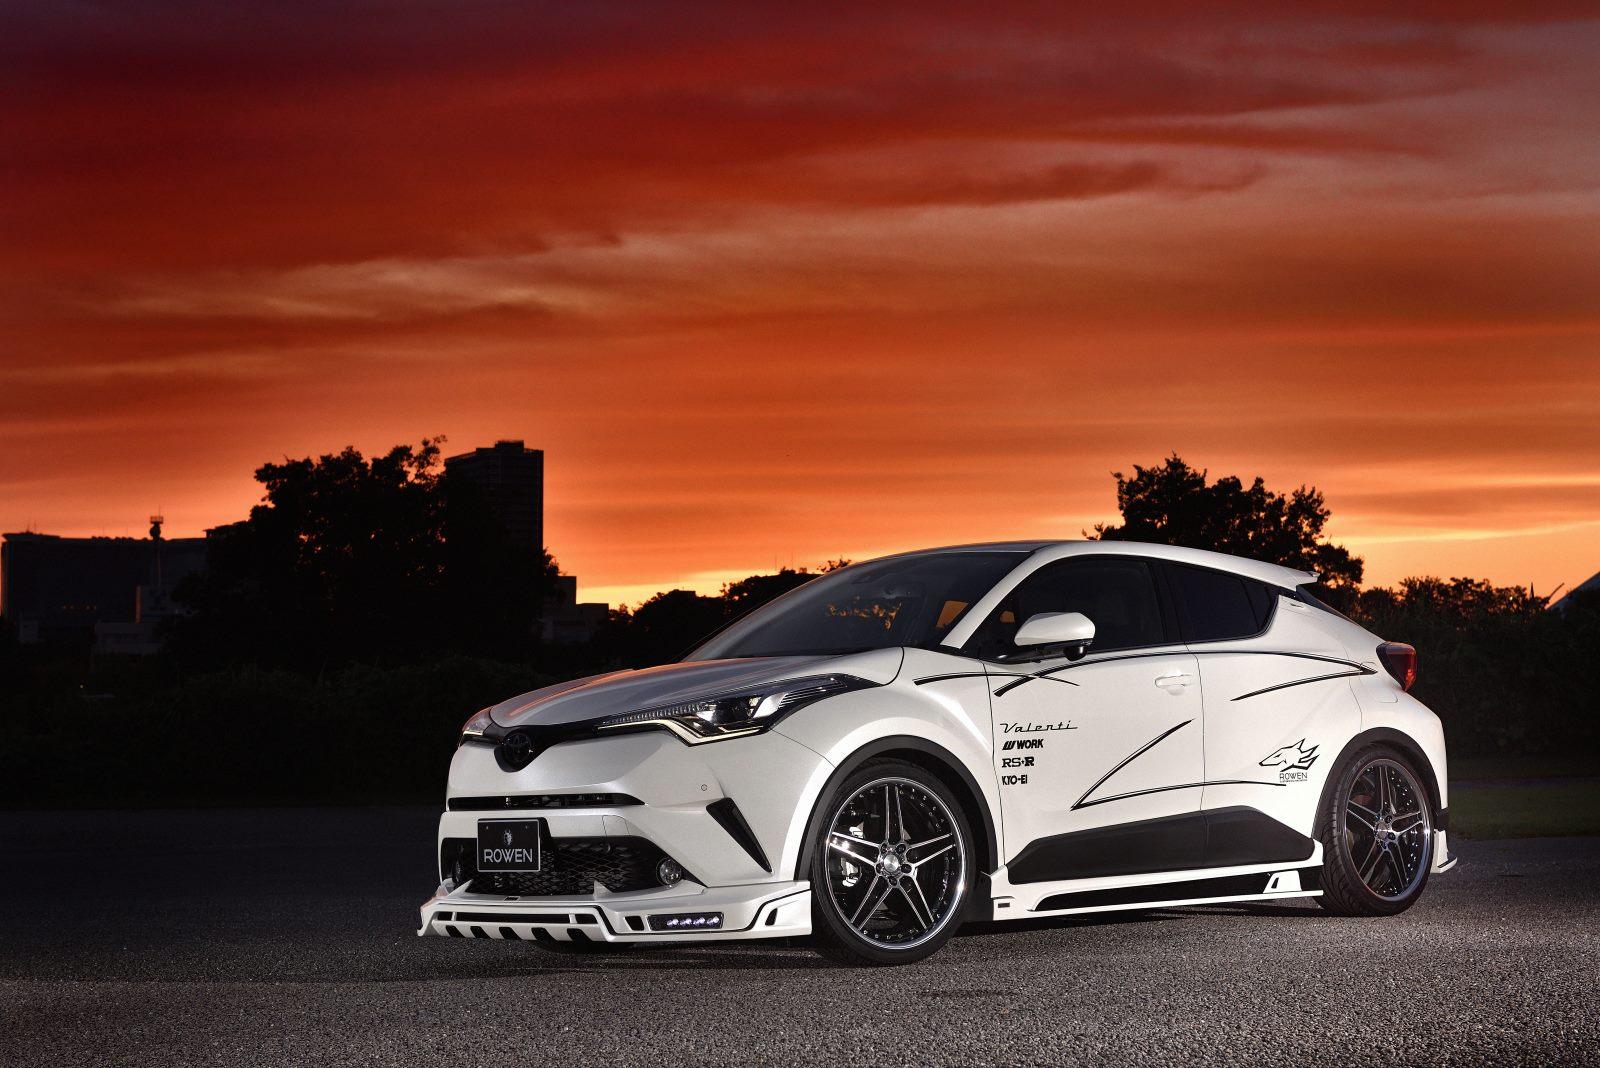 Toyota C-HR by Rowen (4)